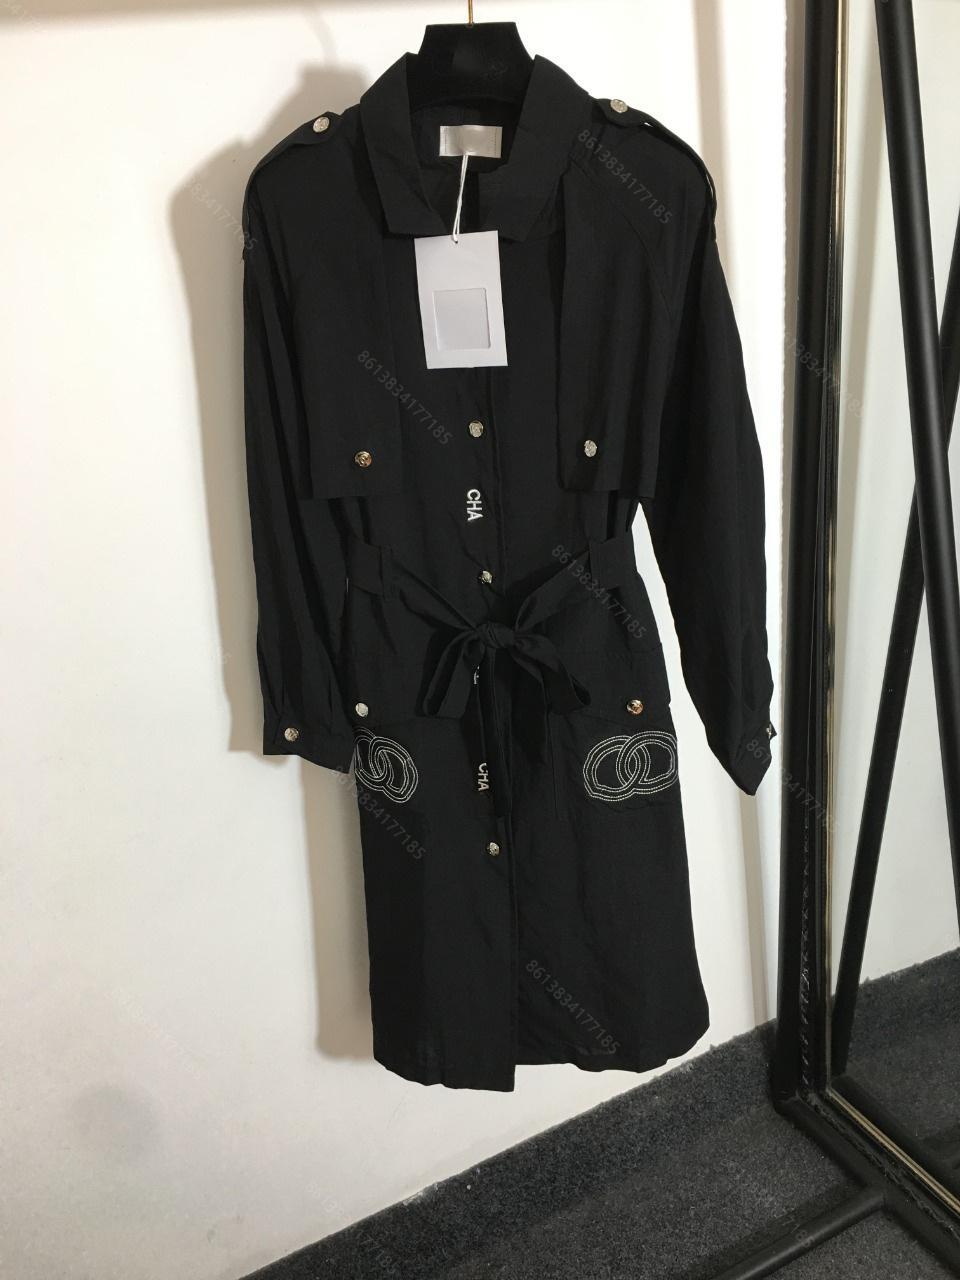 2021 الشتاء cc ماركة معطف المرأة مصمم طويل خندق معطف شعار المطرزة جيب طويلة الأكمام أعلى أسود سترة المرأة